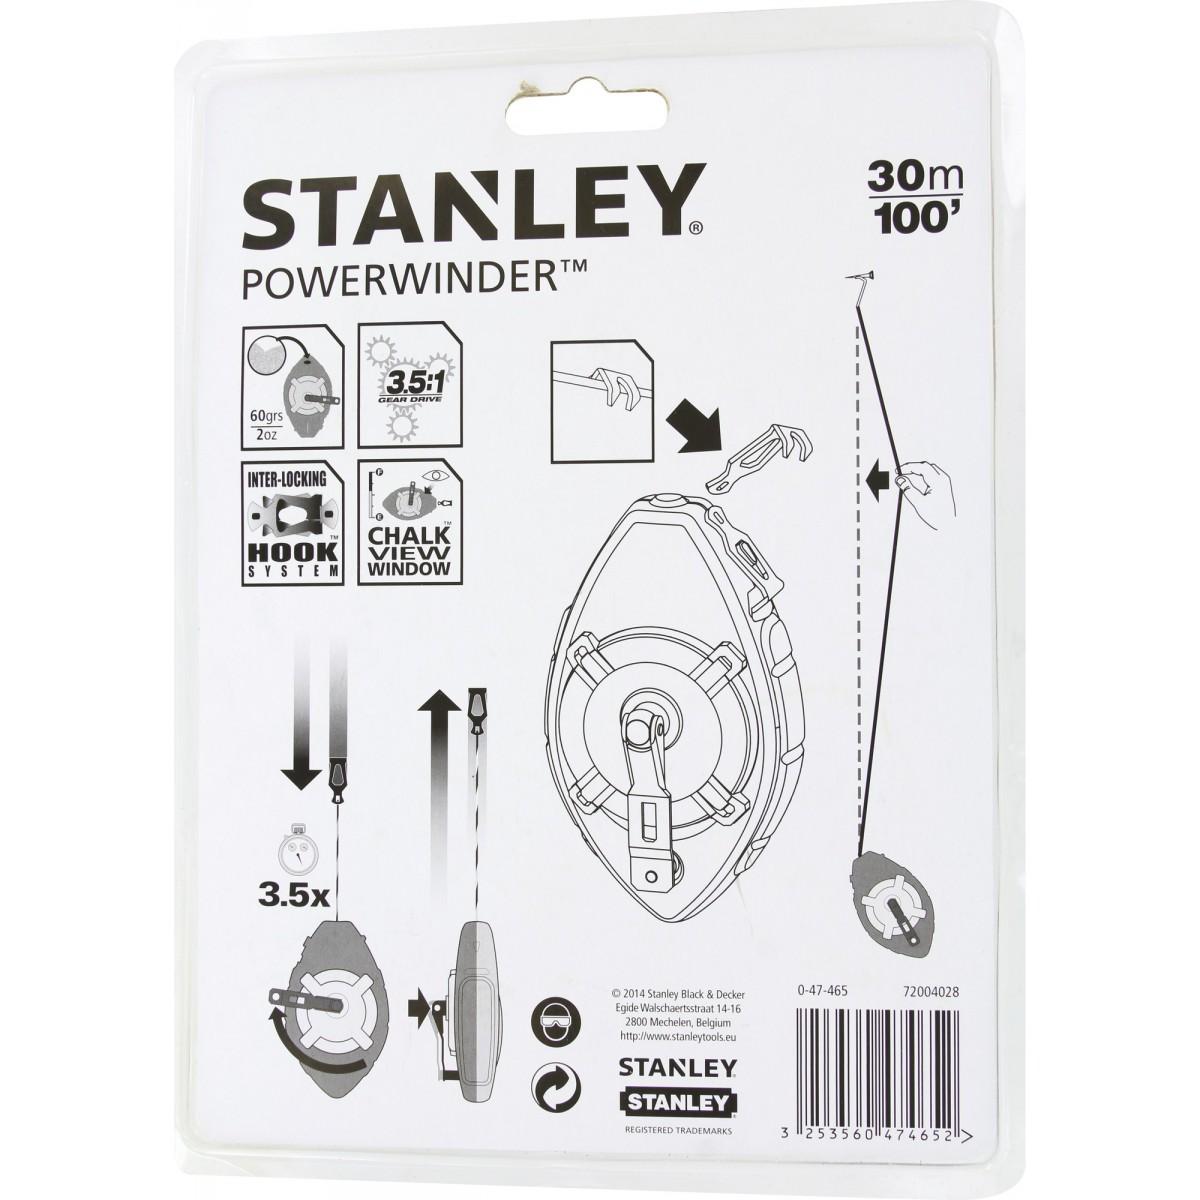 Cordeau traceur Powerwinder Stanley - Longueur 30 m